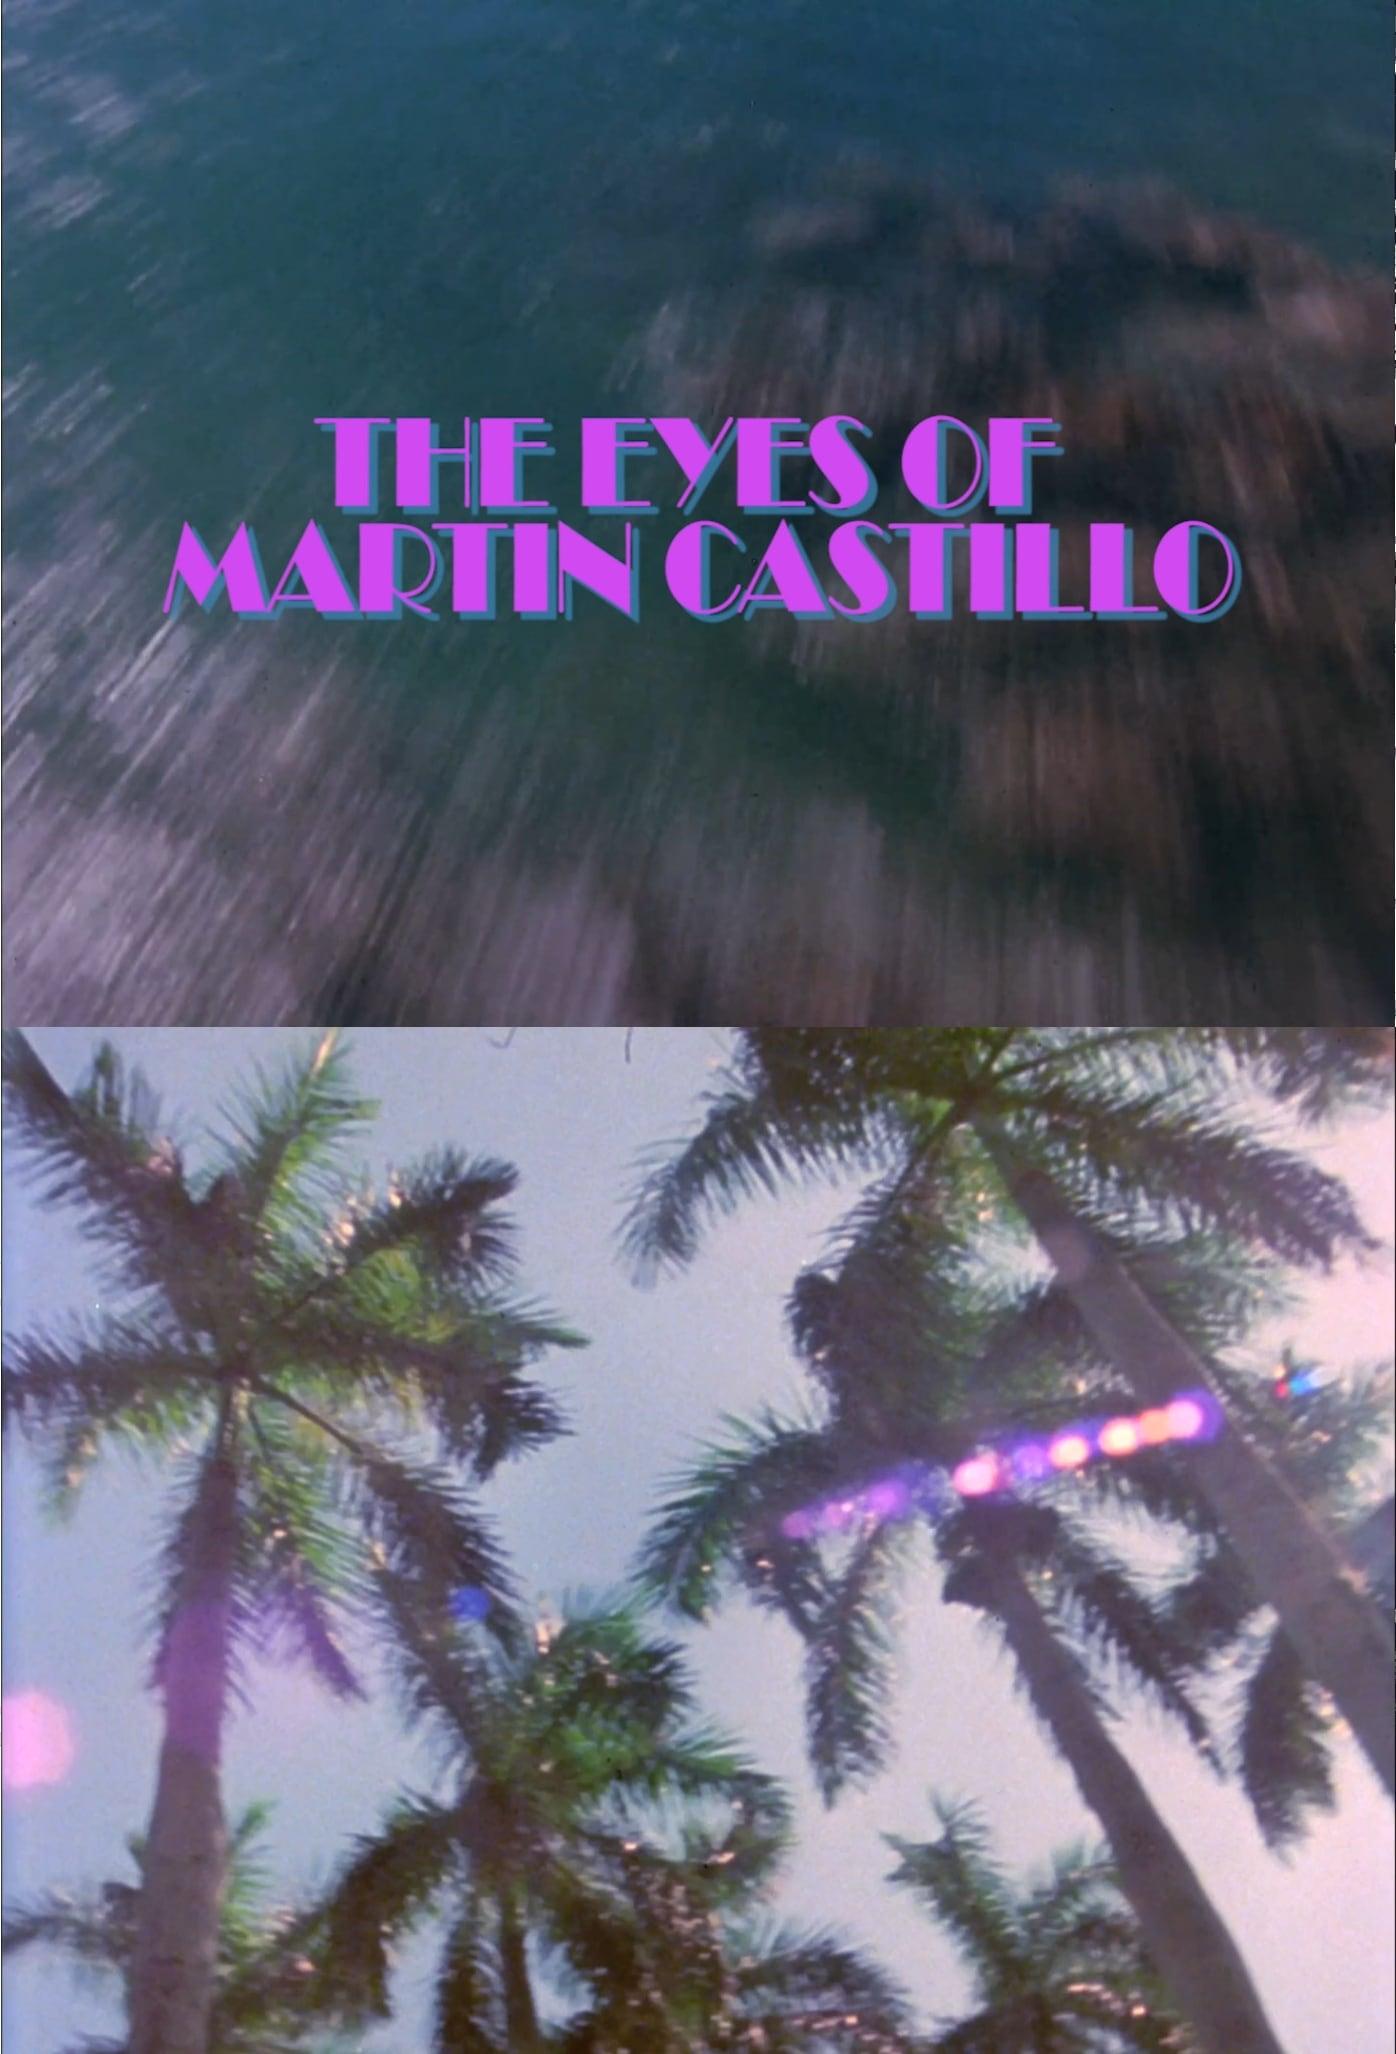 The Eyes of Martin Castillo (2018)